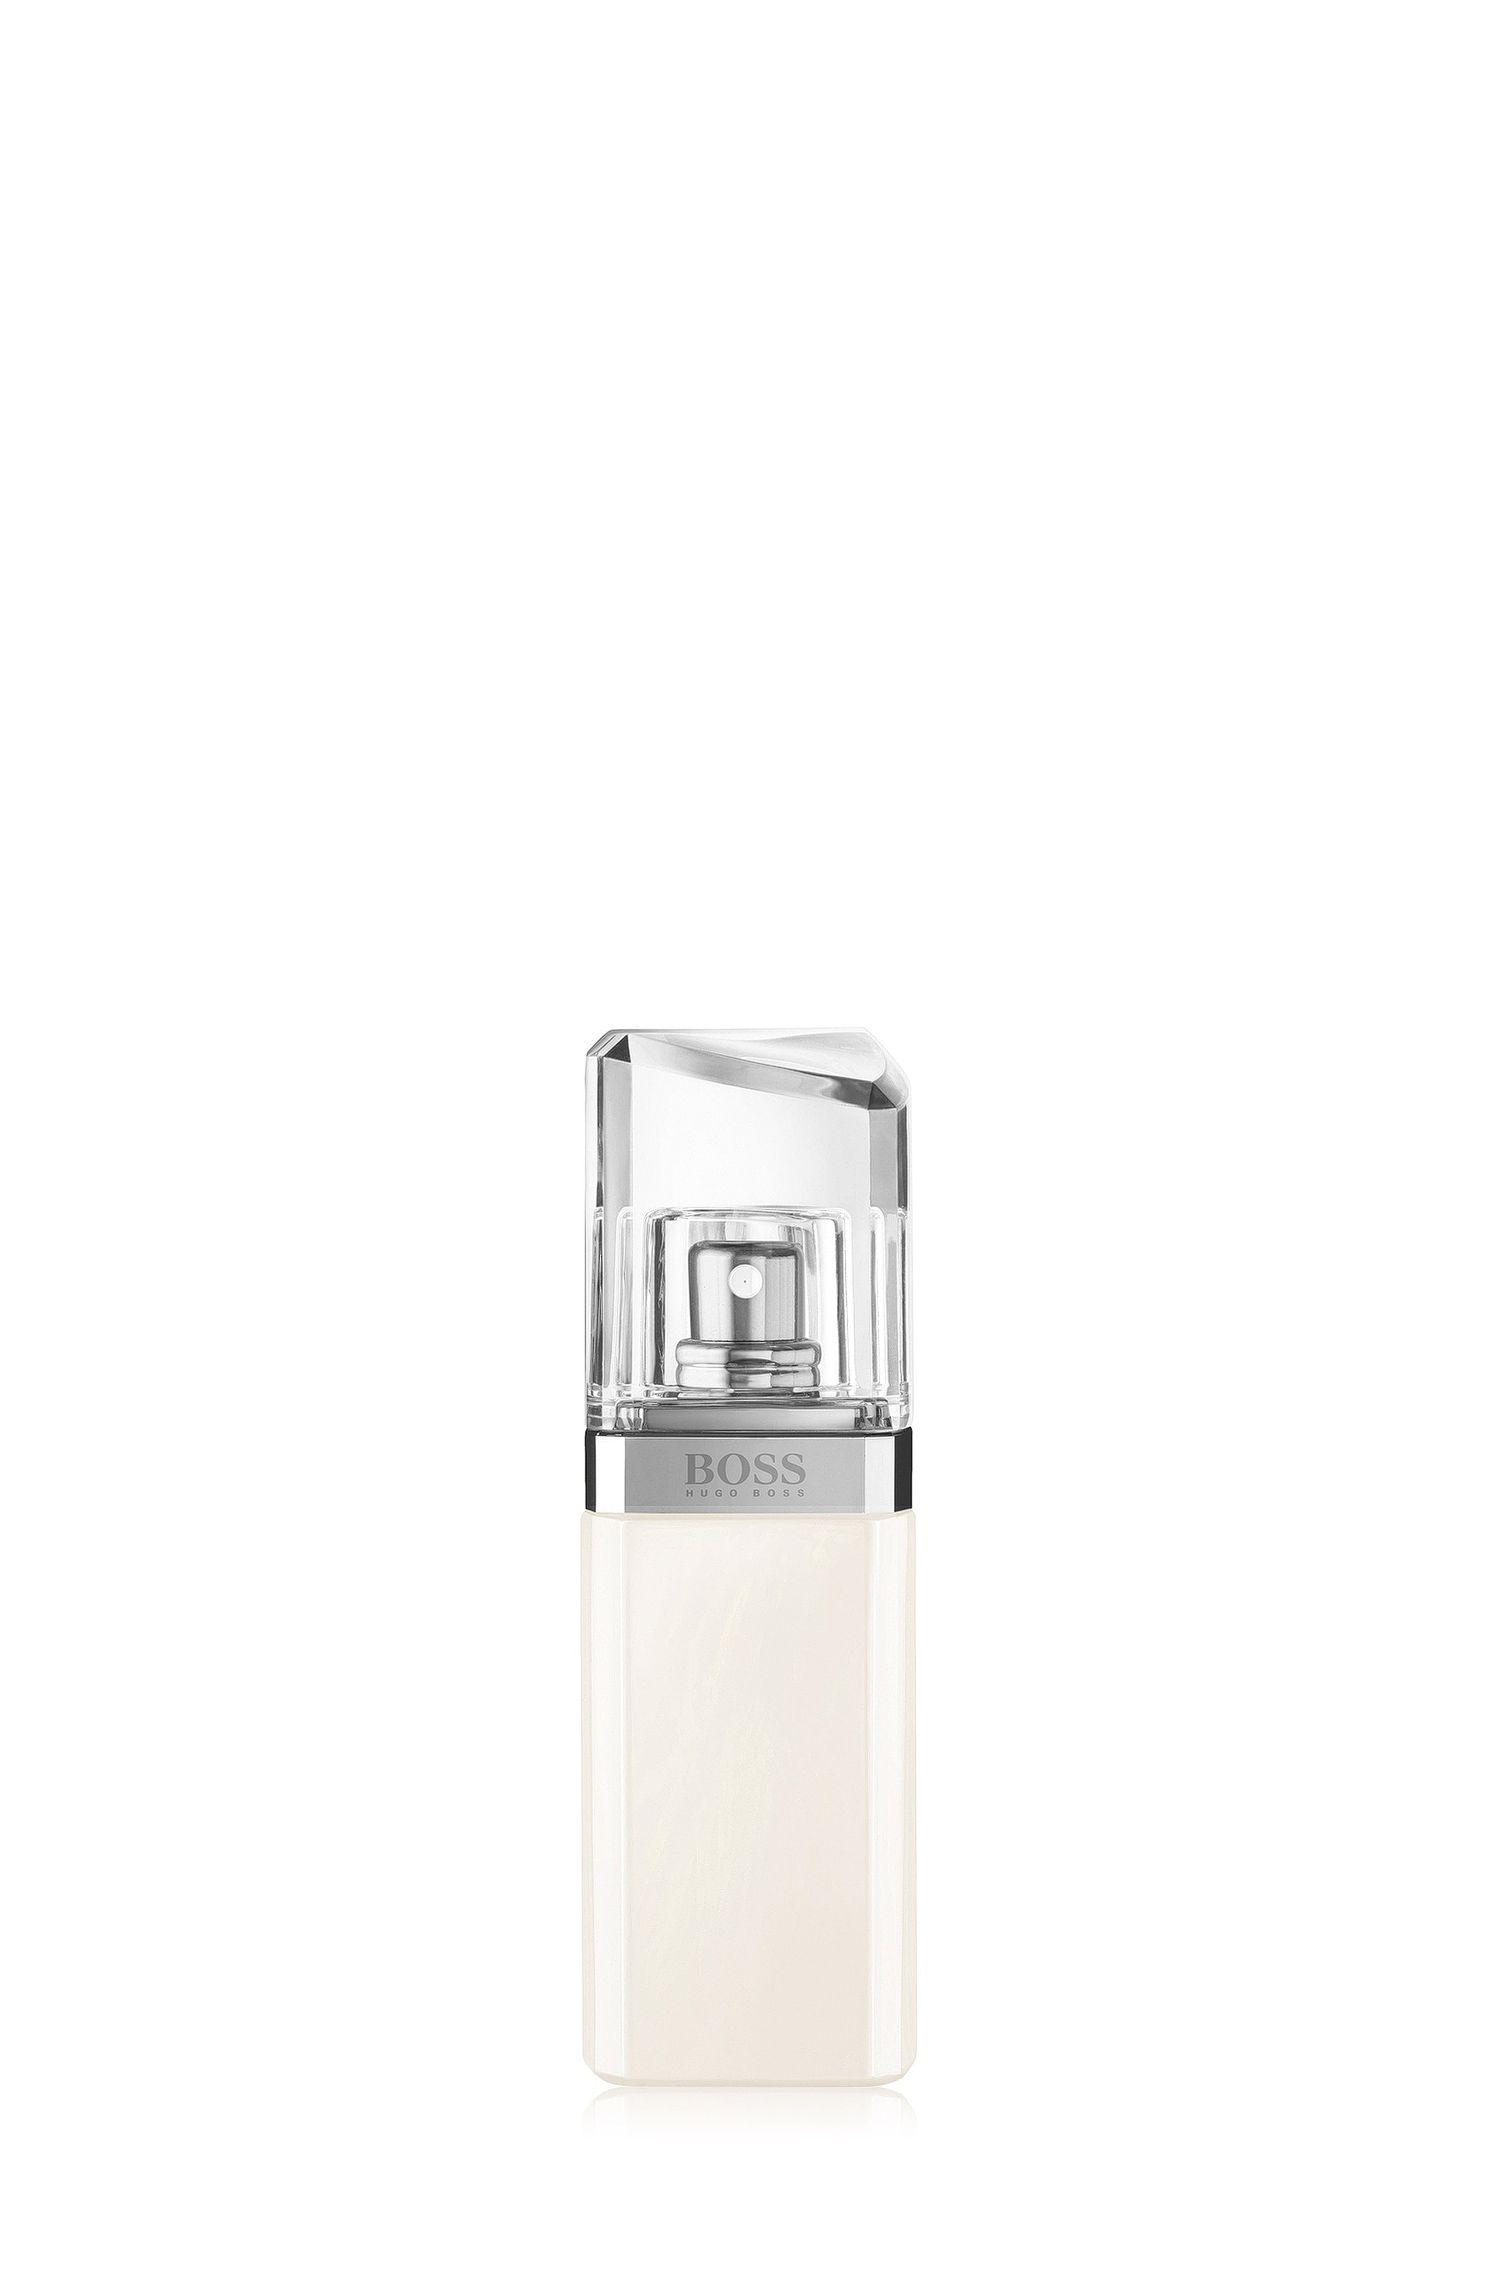 'BOSS Jour Lumineuse' eau de parfum 30ml, Assorted-Pre-Pack